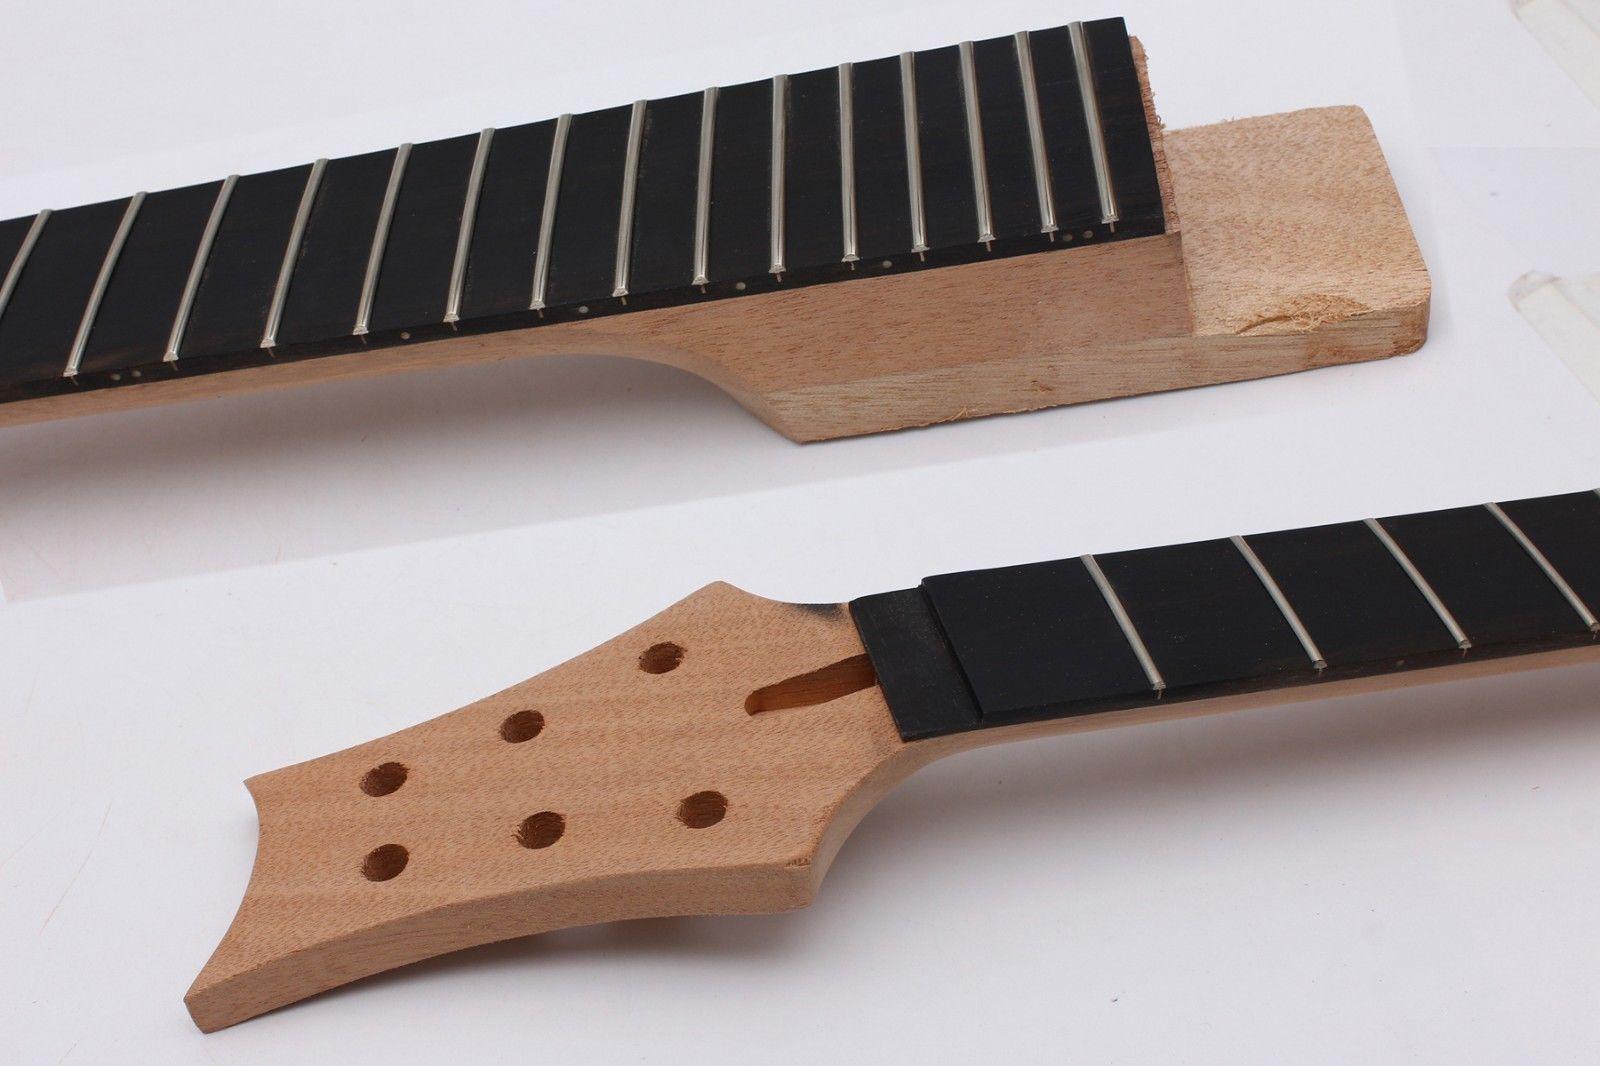 Guitare électrique cou 22 Fret acajou ébène Fretboard écrou de verrouillage pièces de guitare inachevées